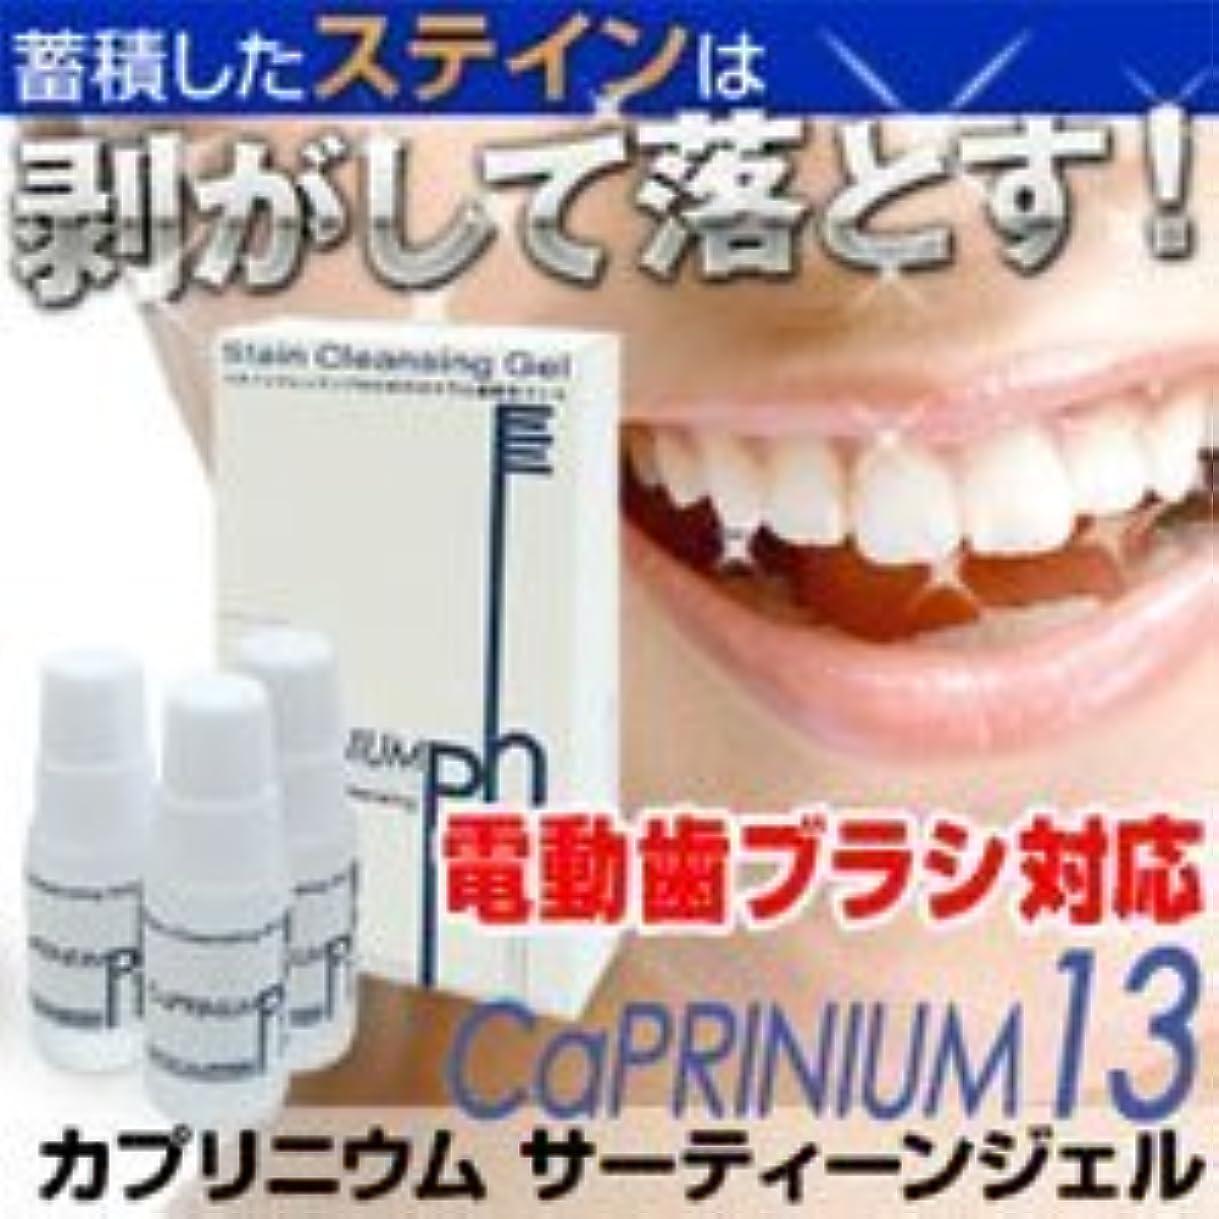 負荷ズーム納屋カプリジェル(カプリニウムサーティーンジェル)10g×3個(1か月分) 電動歯ブラシ対応歯磨きジェル